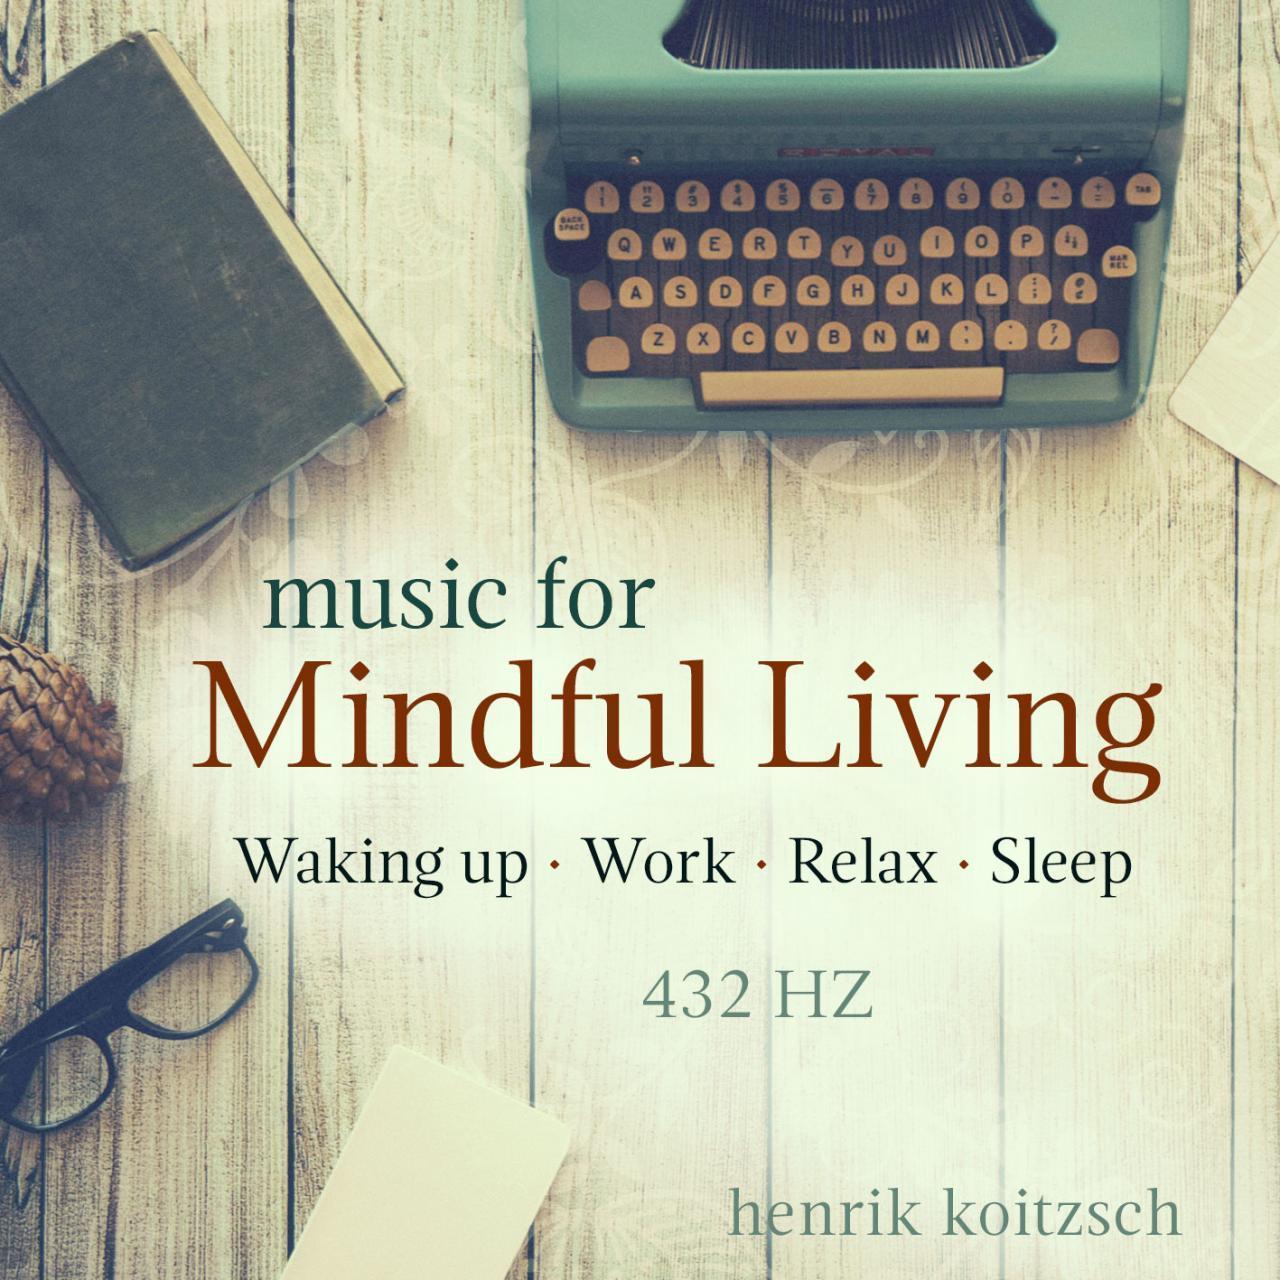 Justmind.de Music for Mindful Living